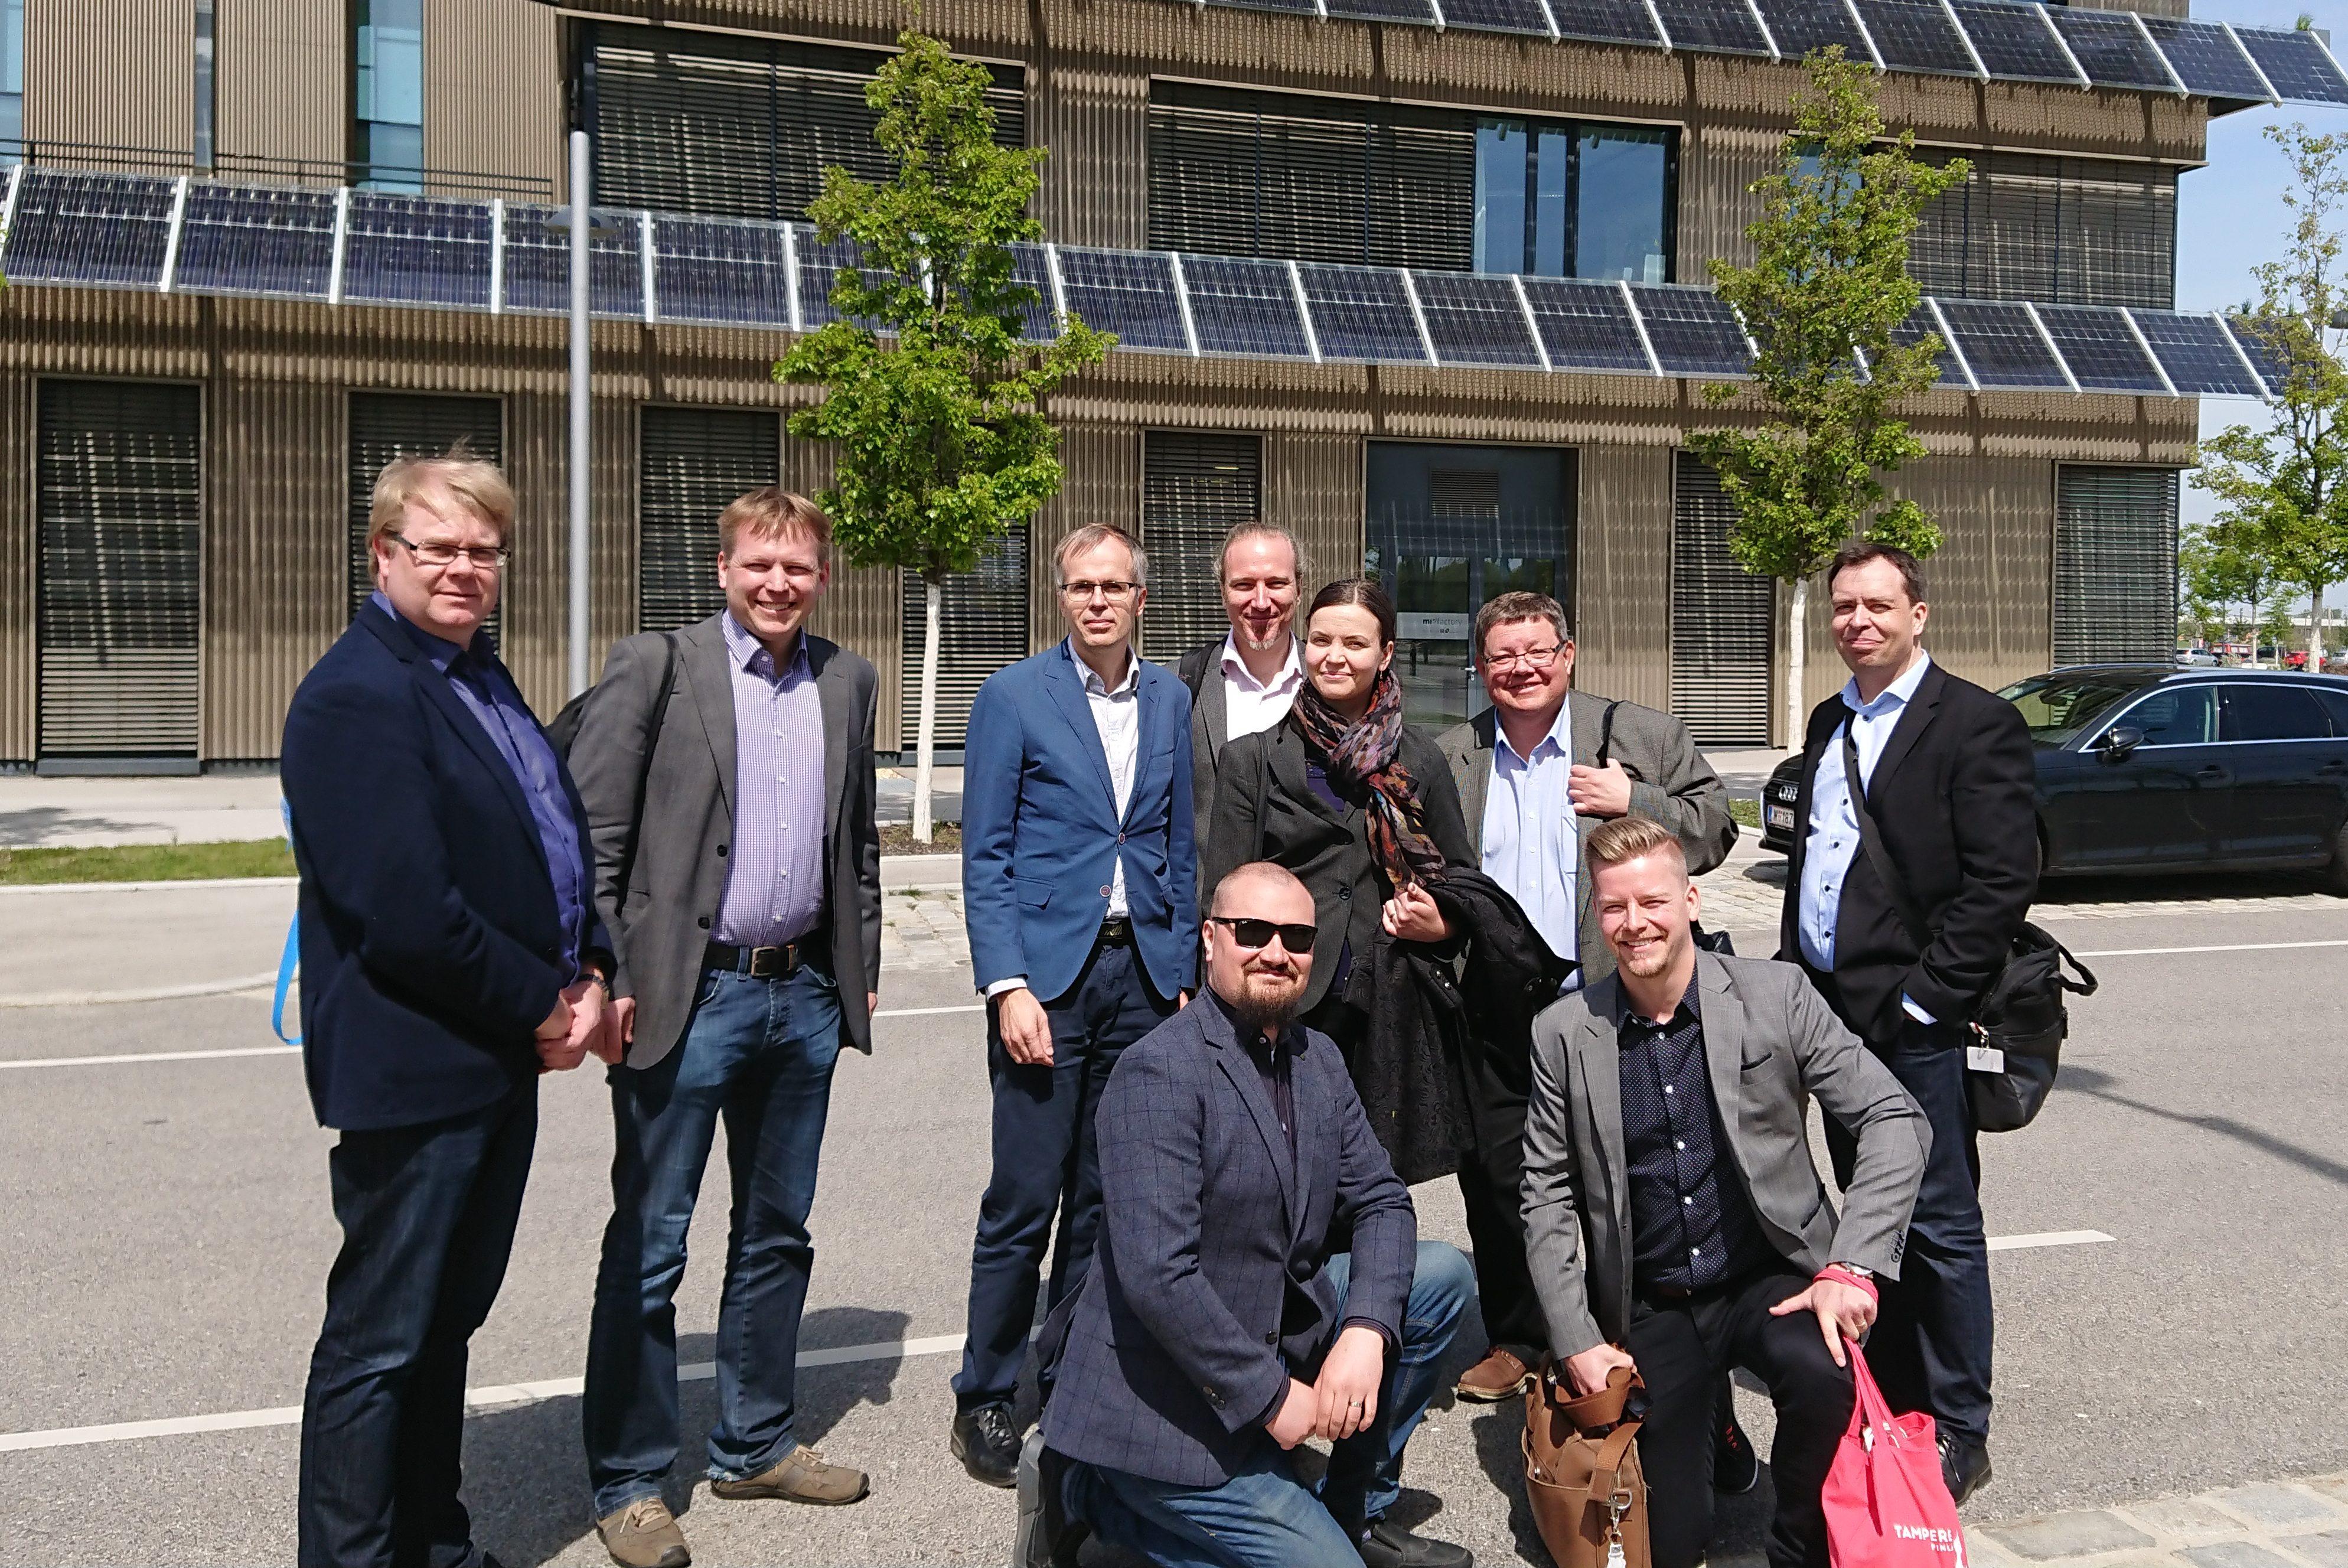 Energiaviisaat kaupungit ja Aspern Smart City